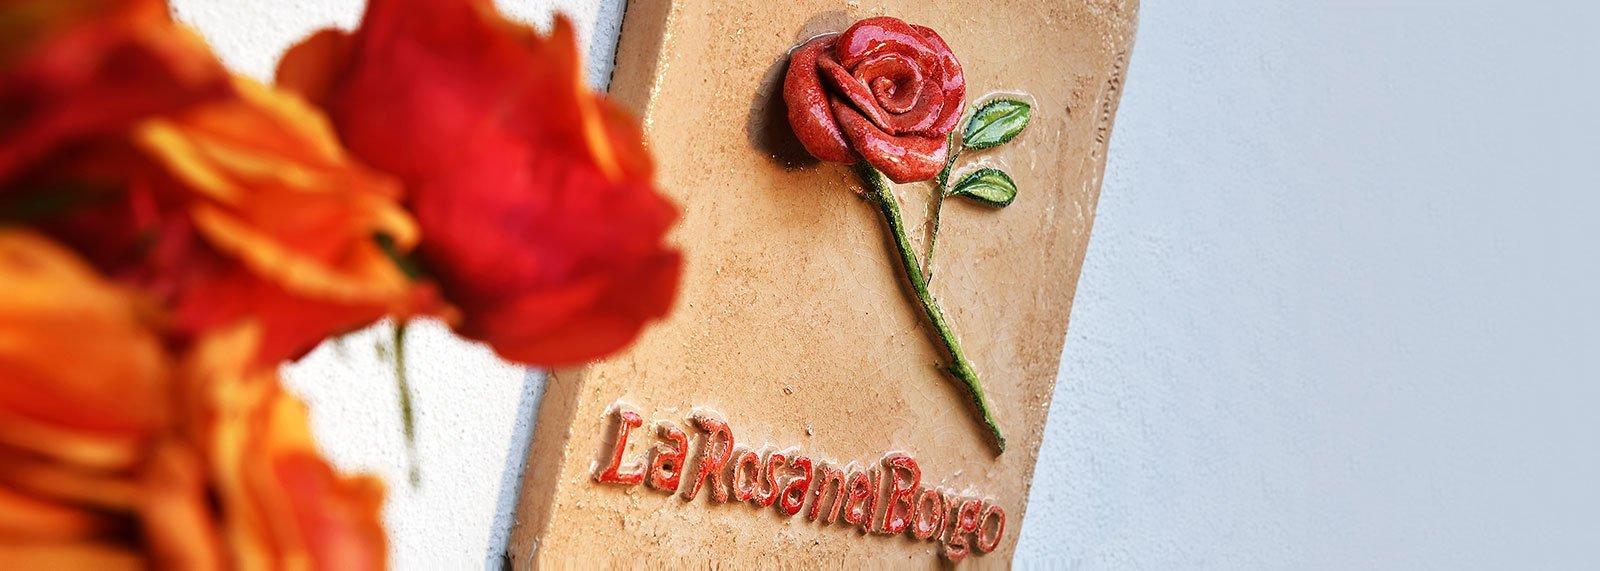 Prenota appartamento a La Morra - La Rosa nel borgo